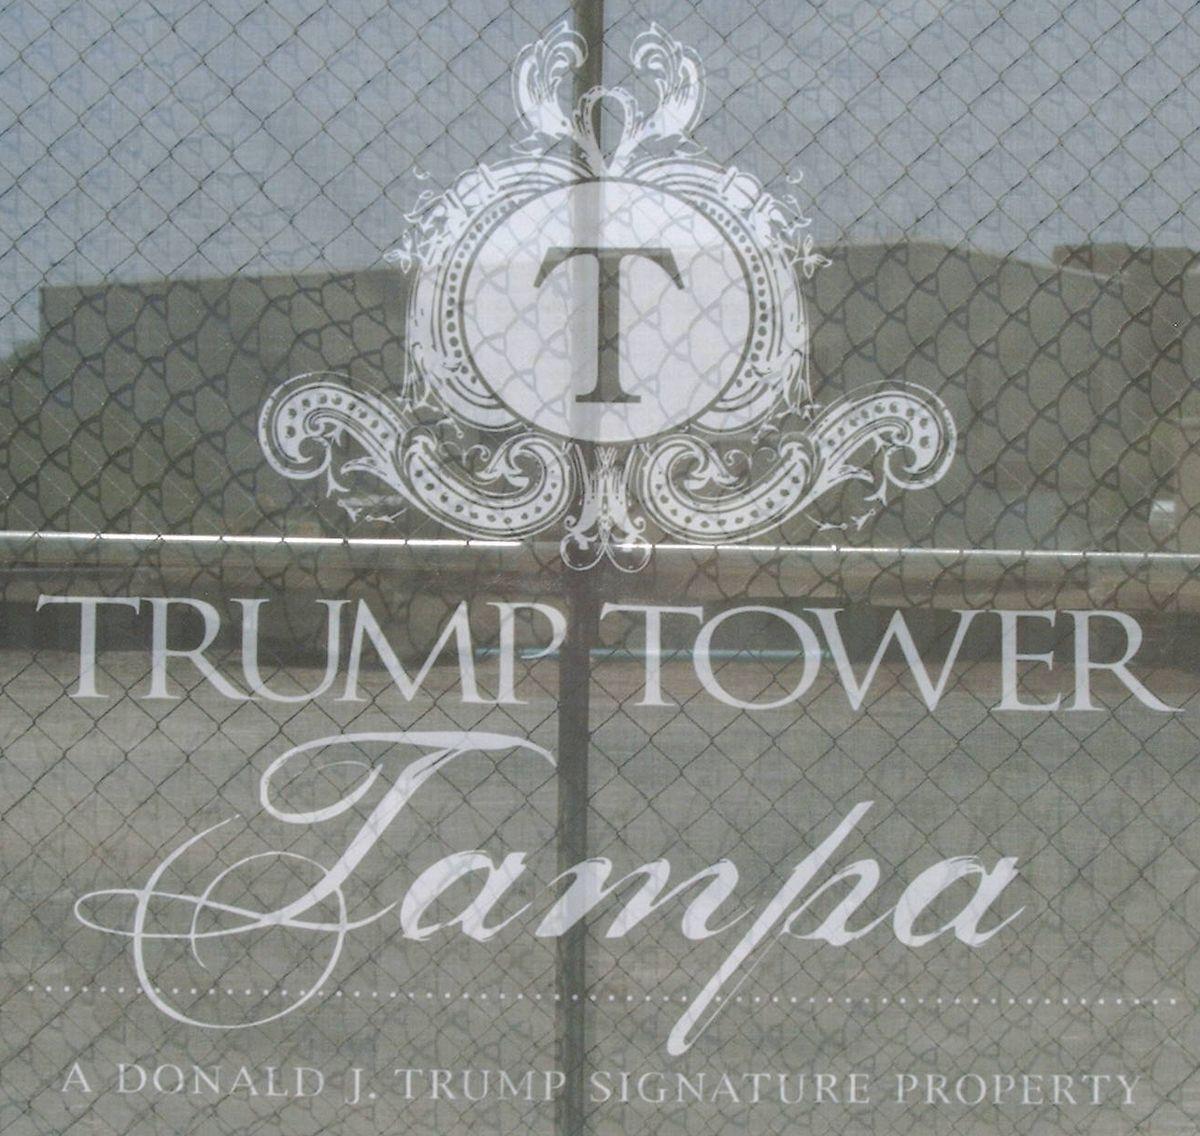 Trump Tower Tampa Wikipedia